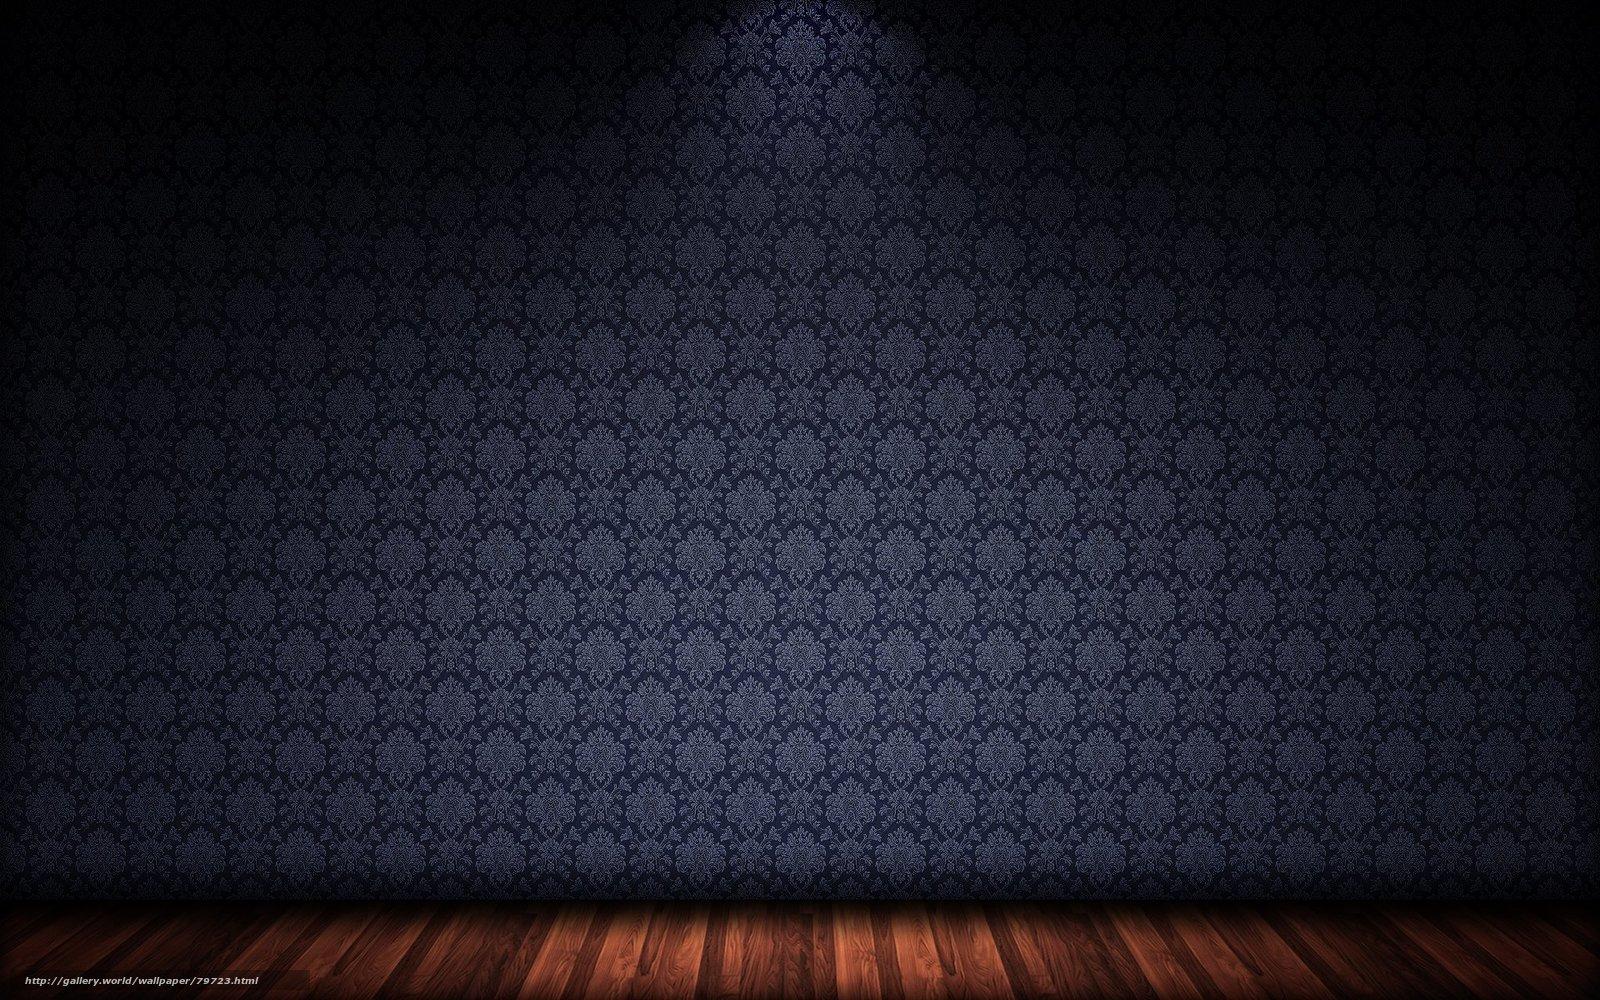 Download hintergrund wand tapete parkett boden freie for Boden desktop